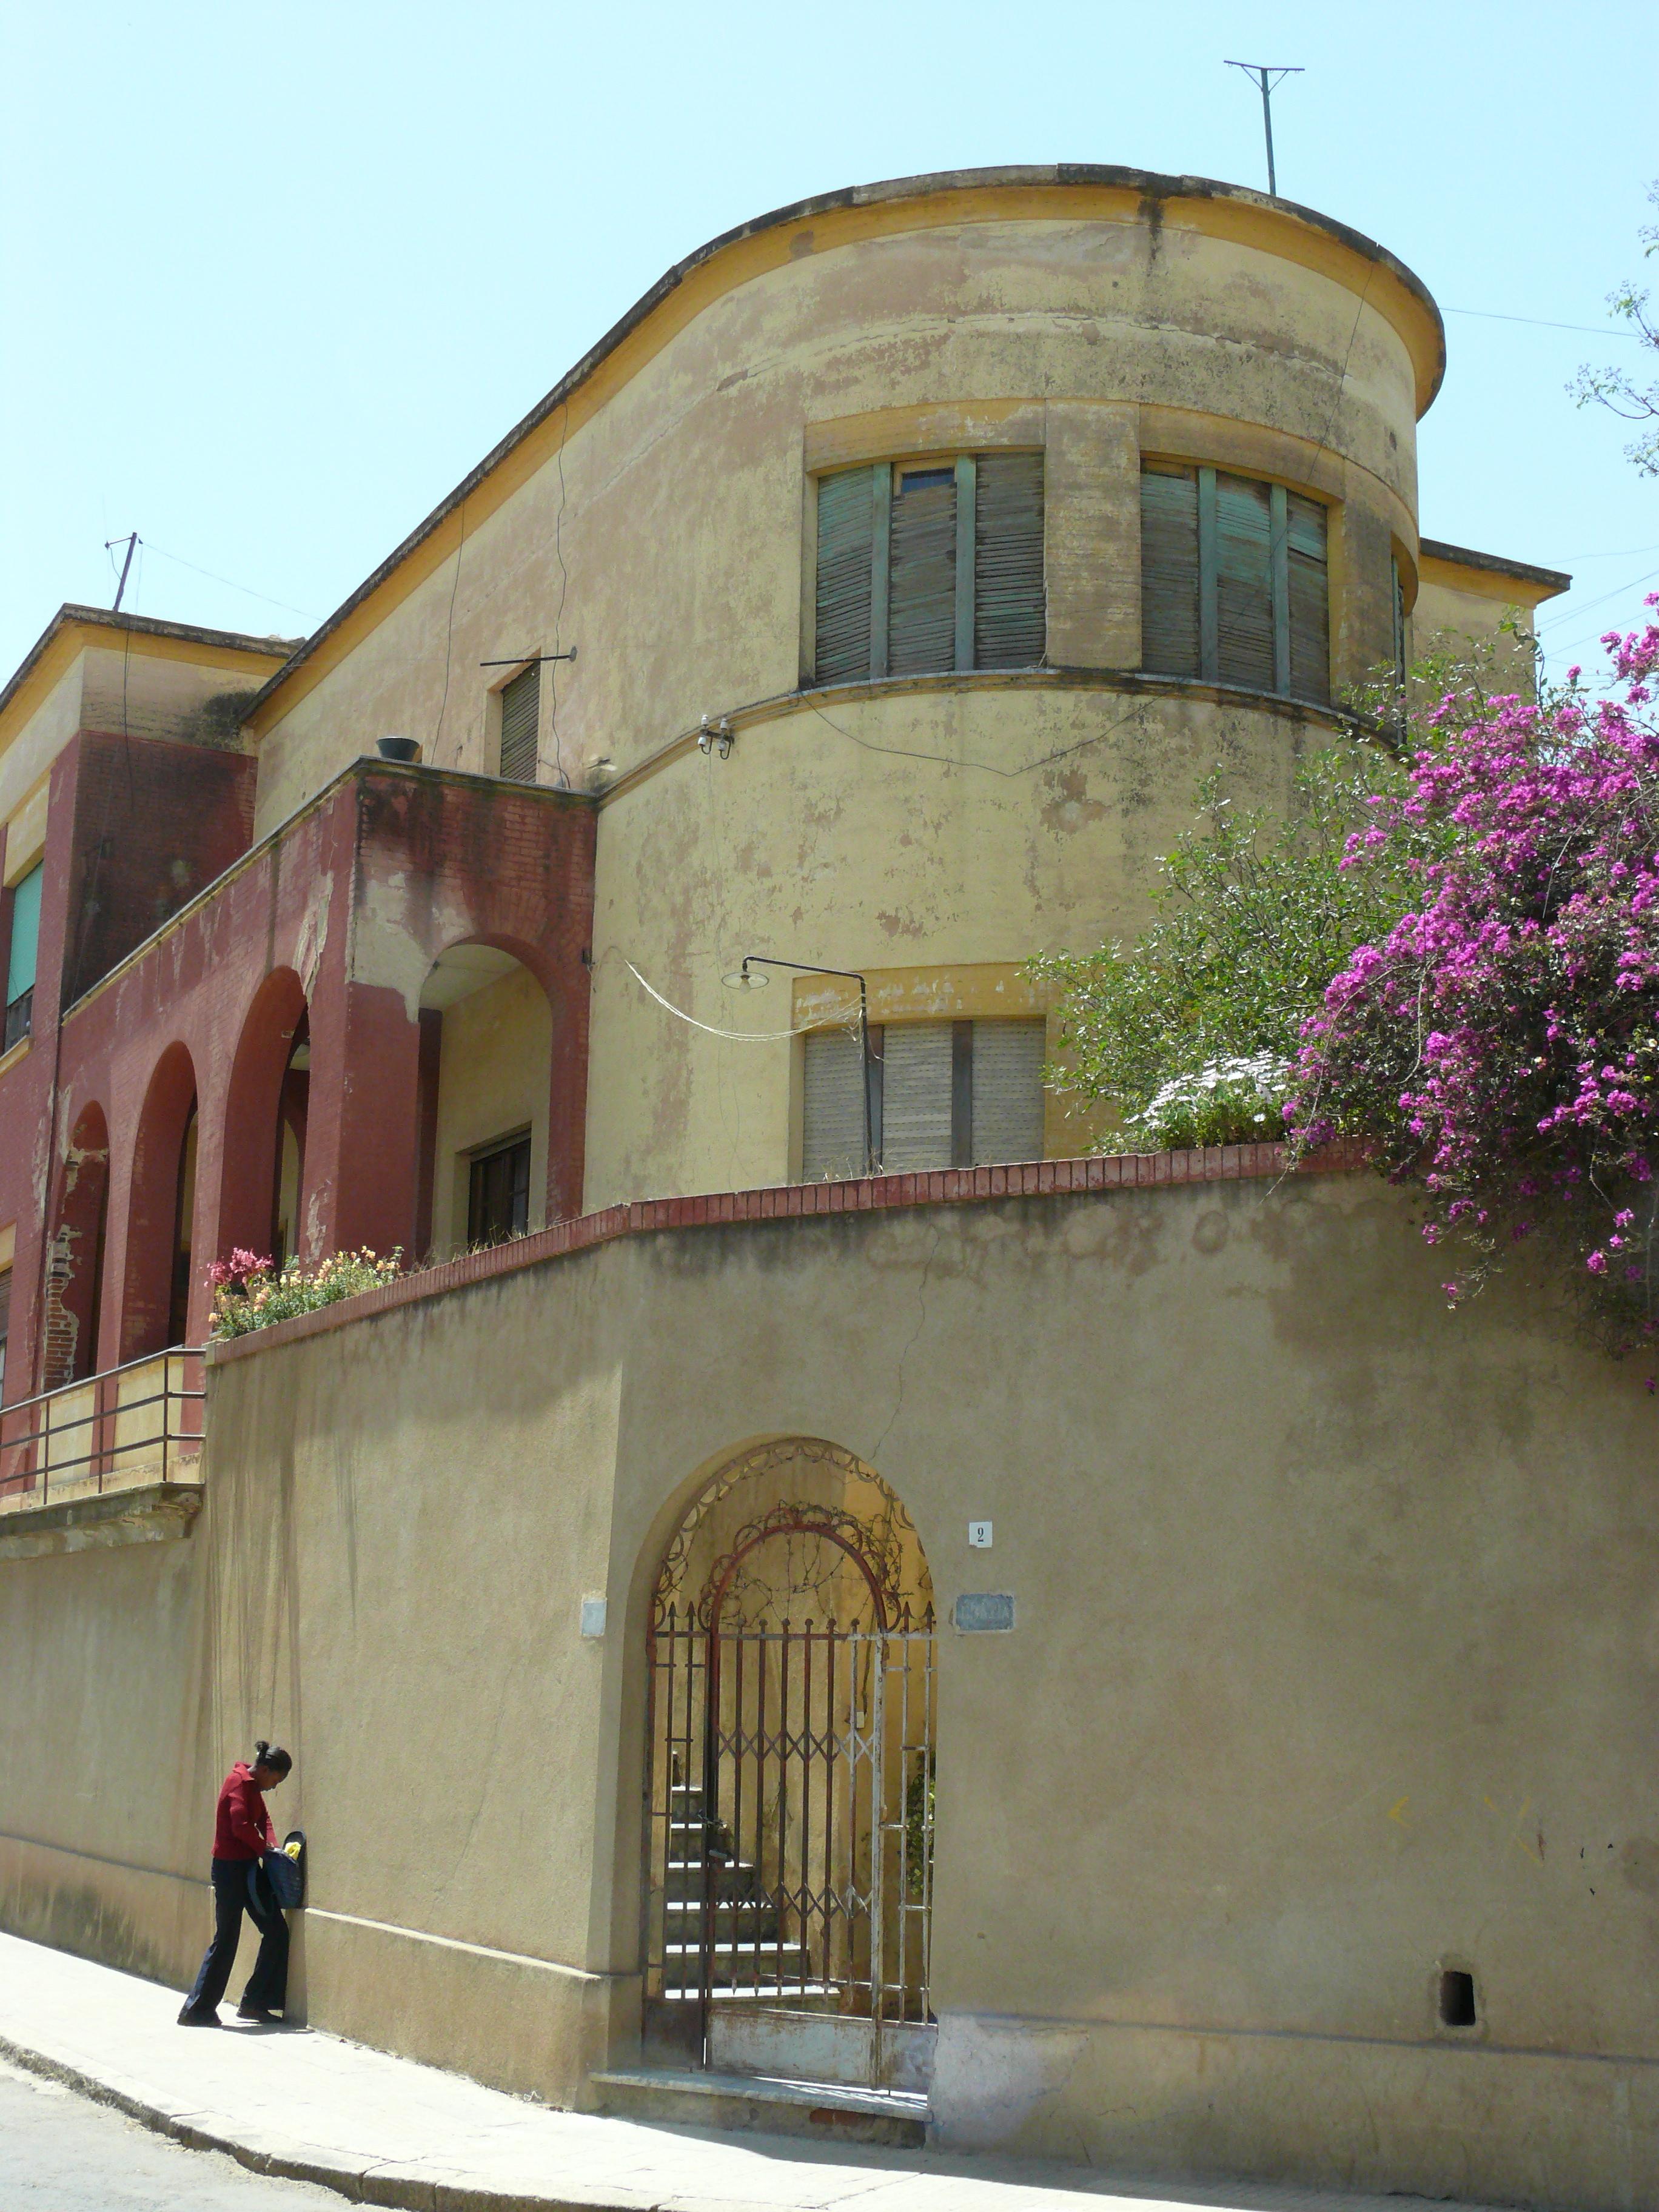 Asmara scuole italiane in eritrea for Architettura fascista in italia